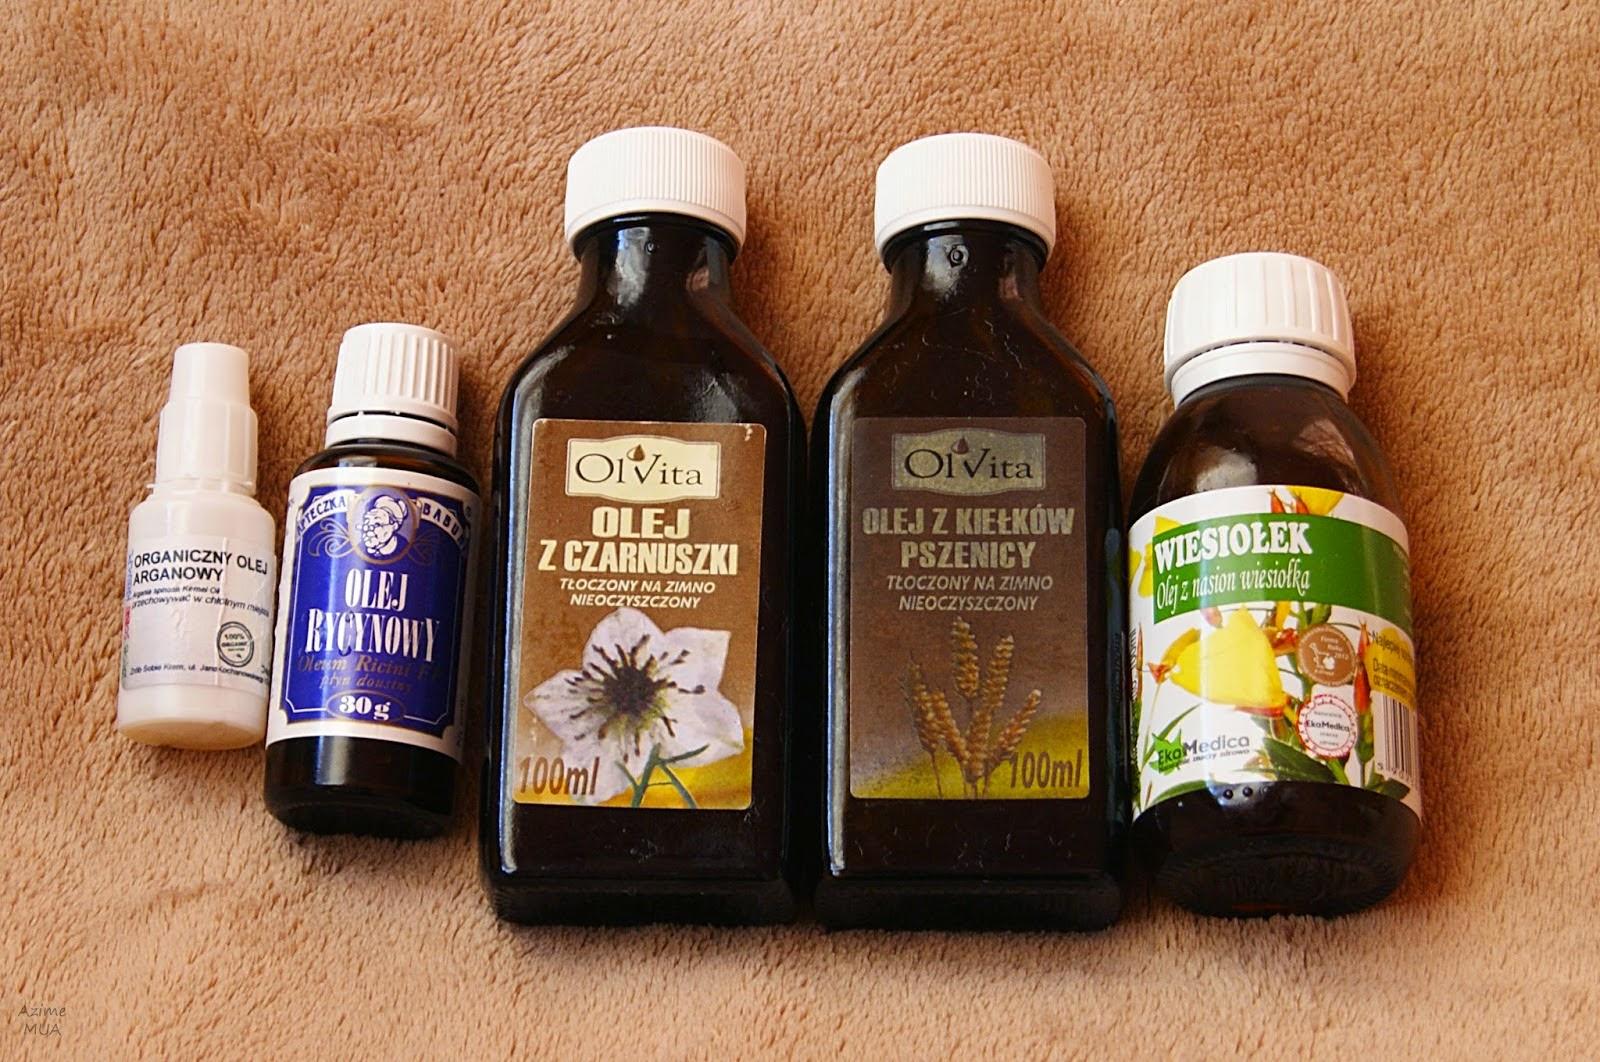 [183.] Największy spis olejów dopasowany do różnych typów cer.